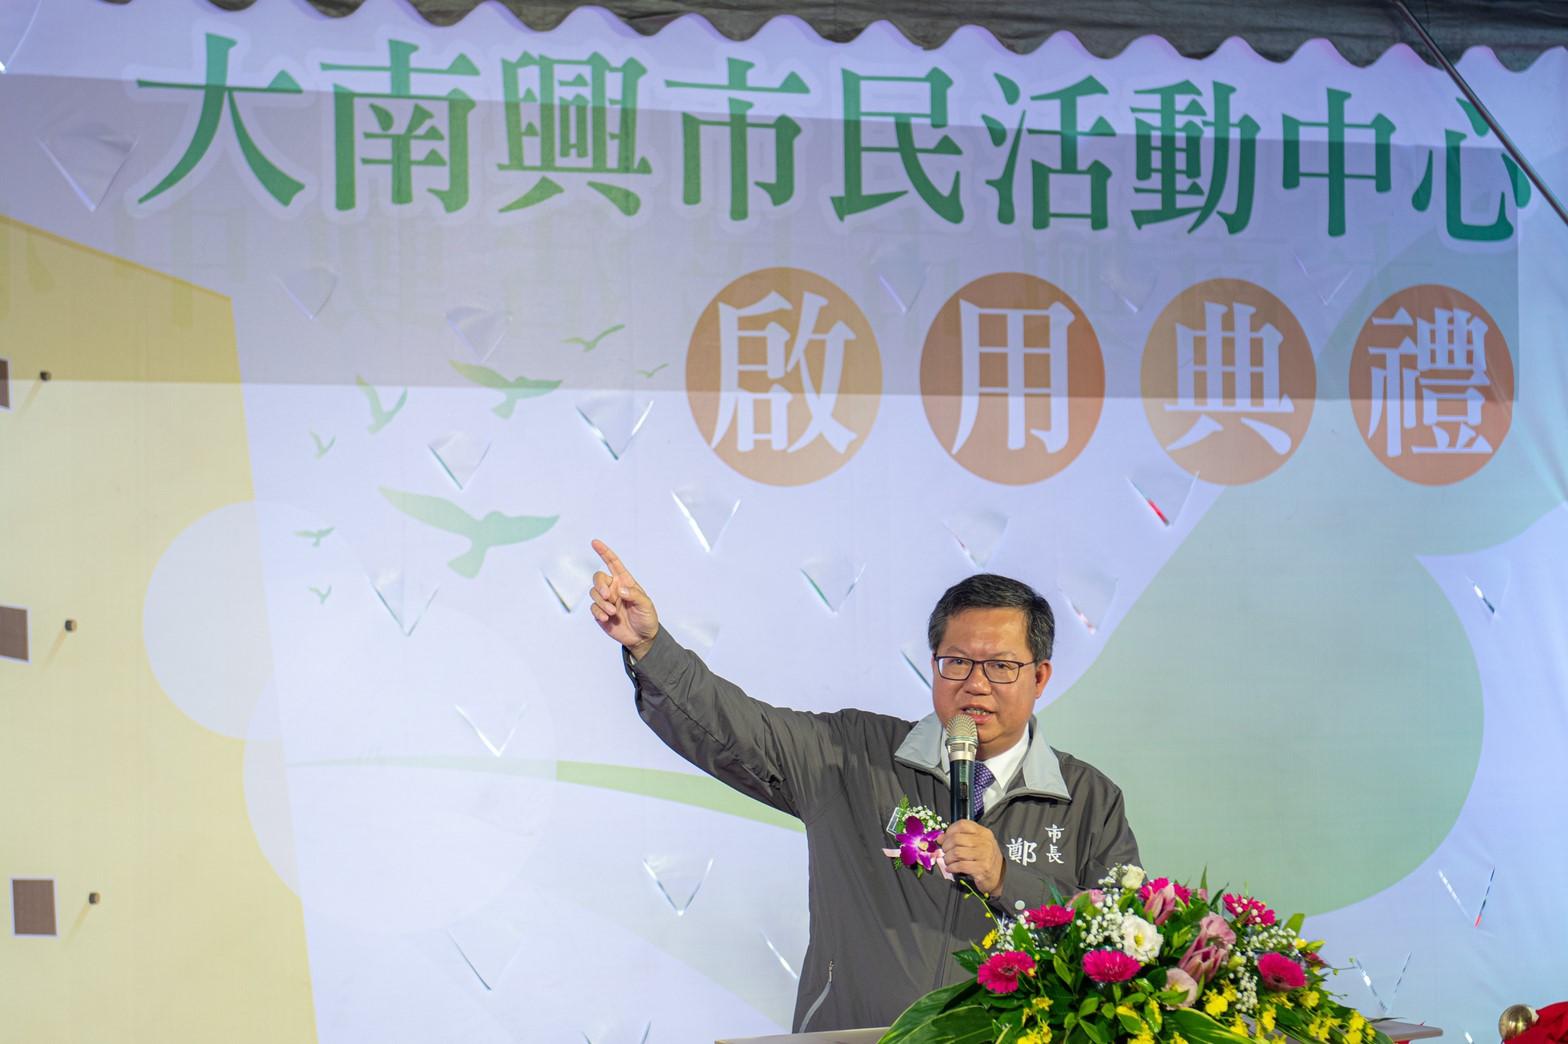 鄭市長表示,大南興市民活動中心提供在地居民多樣化的活動空間